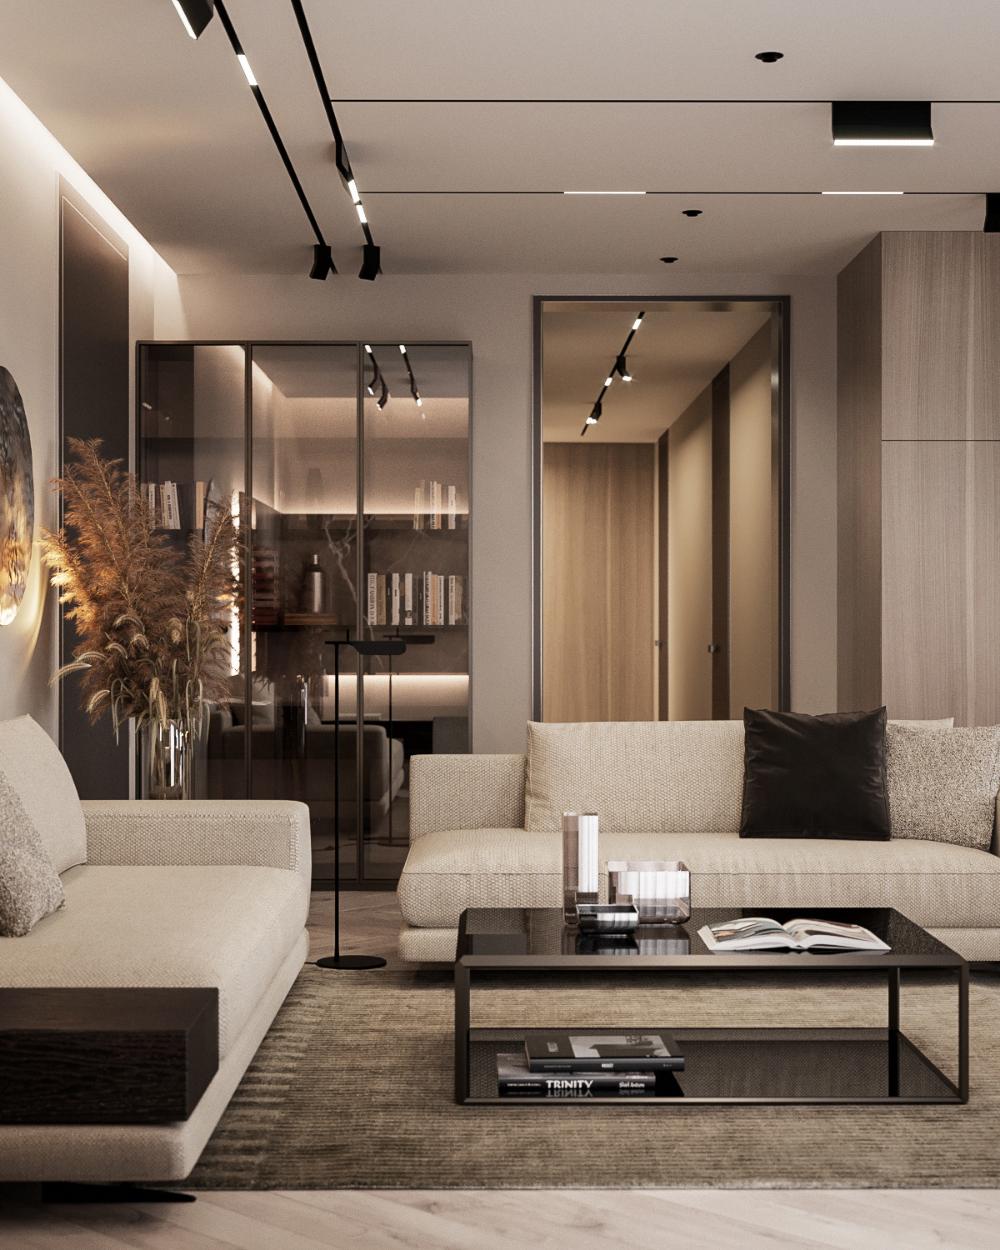 L'essenza dell'abitare di prestigio nella capitale. Homedecorationexhibition Arredamento Interni Salotto Arredamento Soggiorno Grande Idee Per Appartamenti